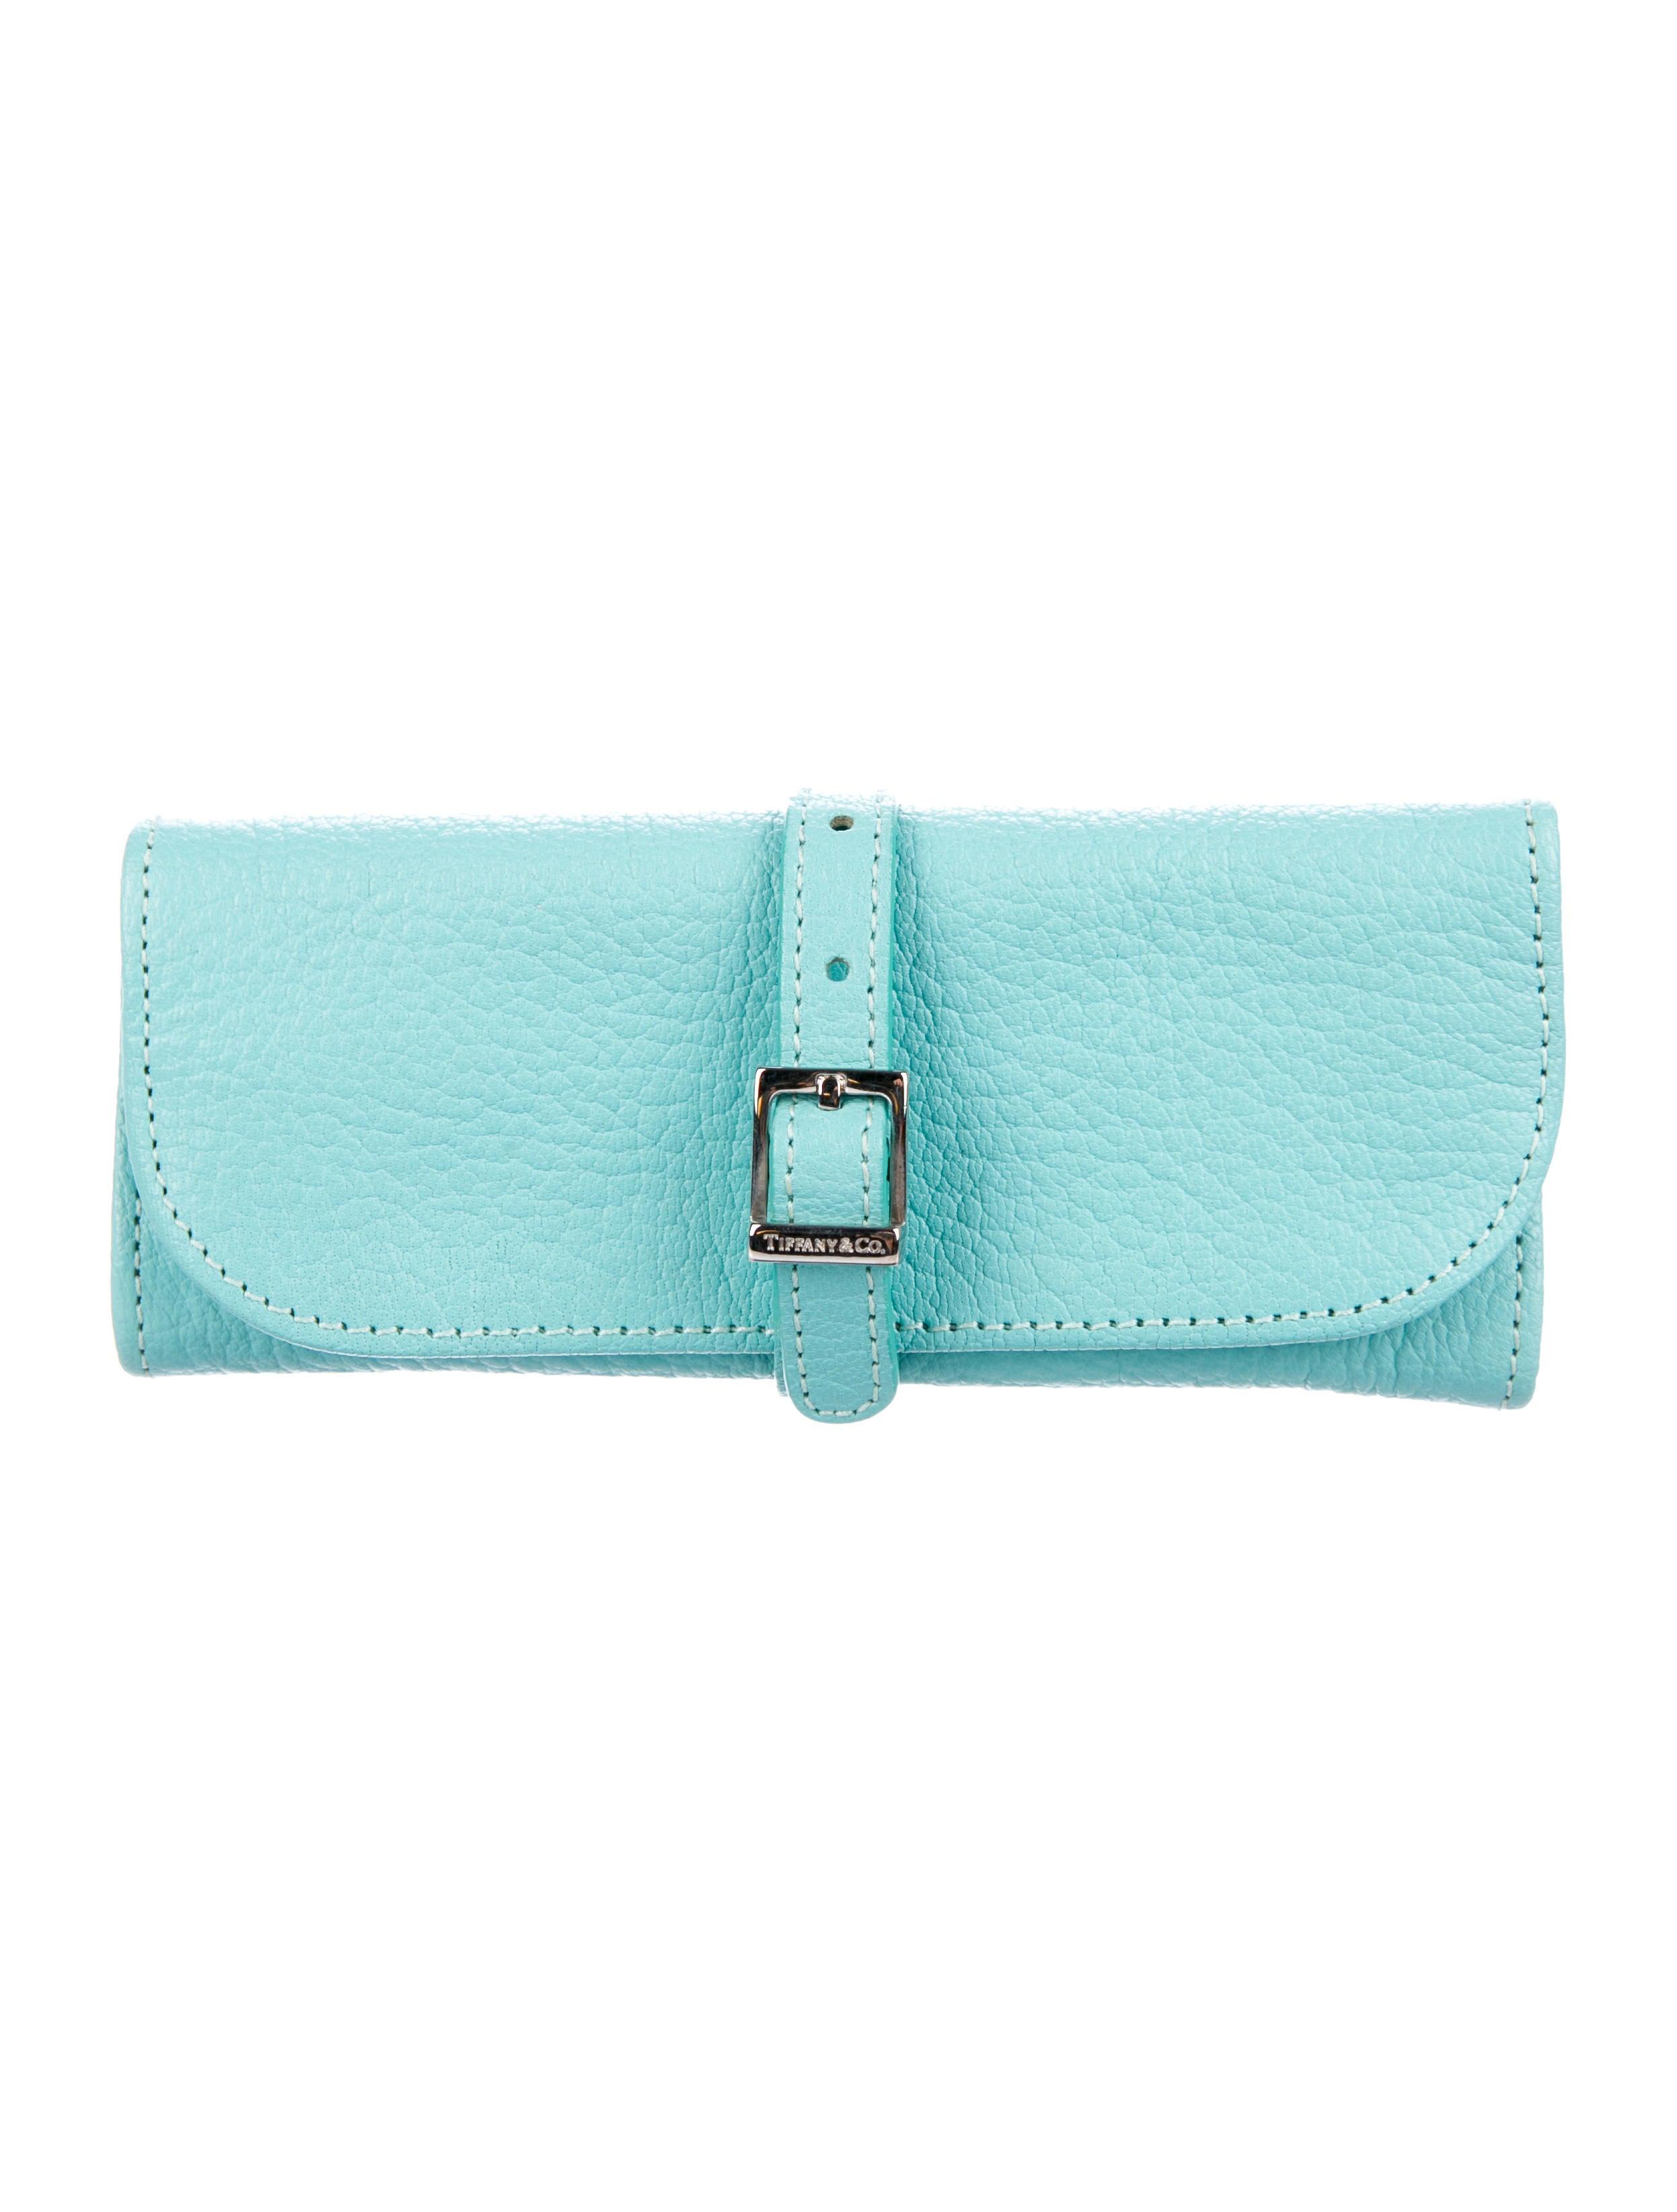 de4b484e5ed Tiffany   Co. Leather Jewelry Roll Case - Accessories - TIF77779 ...